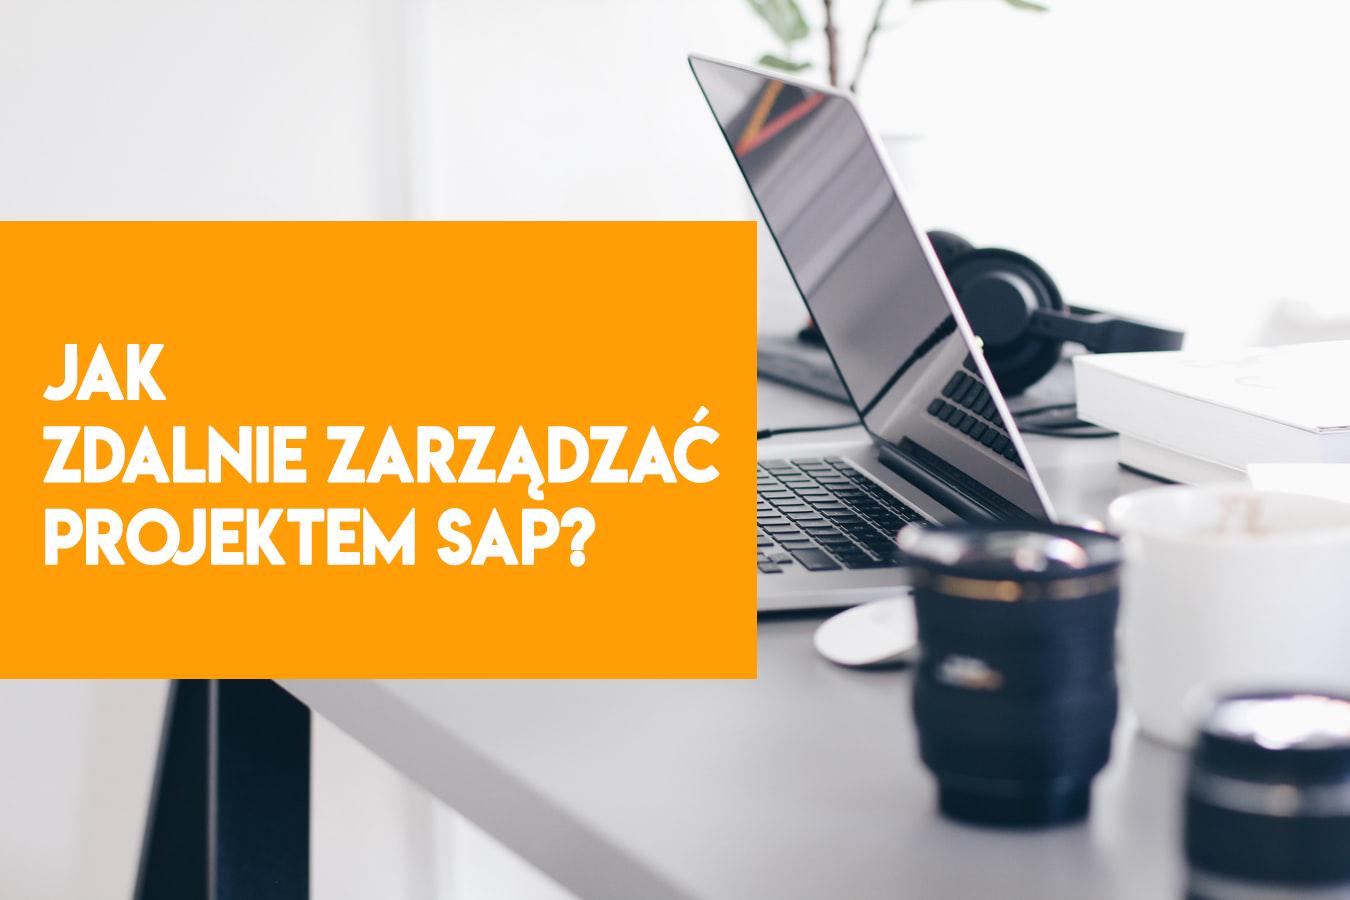 Jak zdalnie zarządzać projektem SAP w czasie pandemii